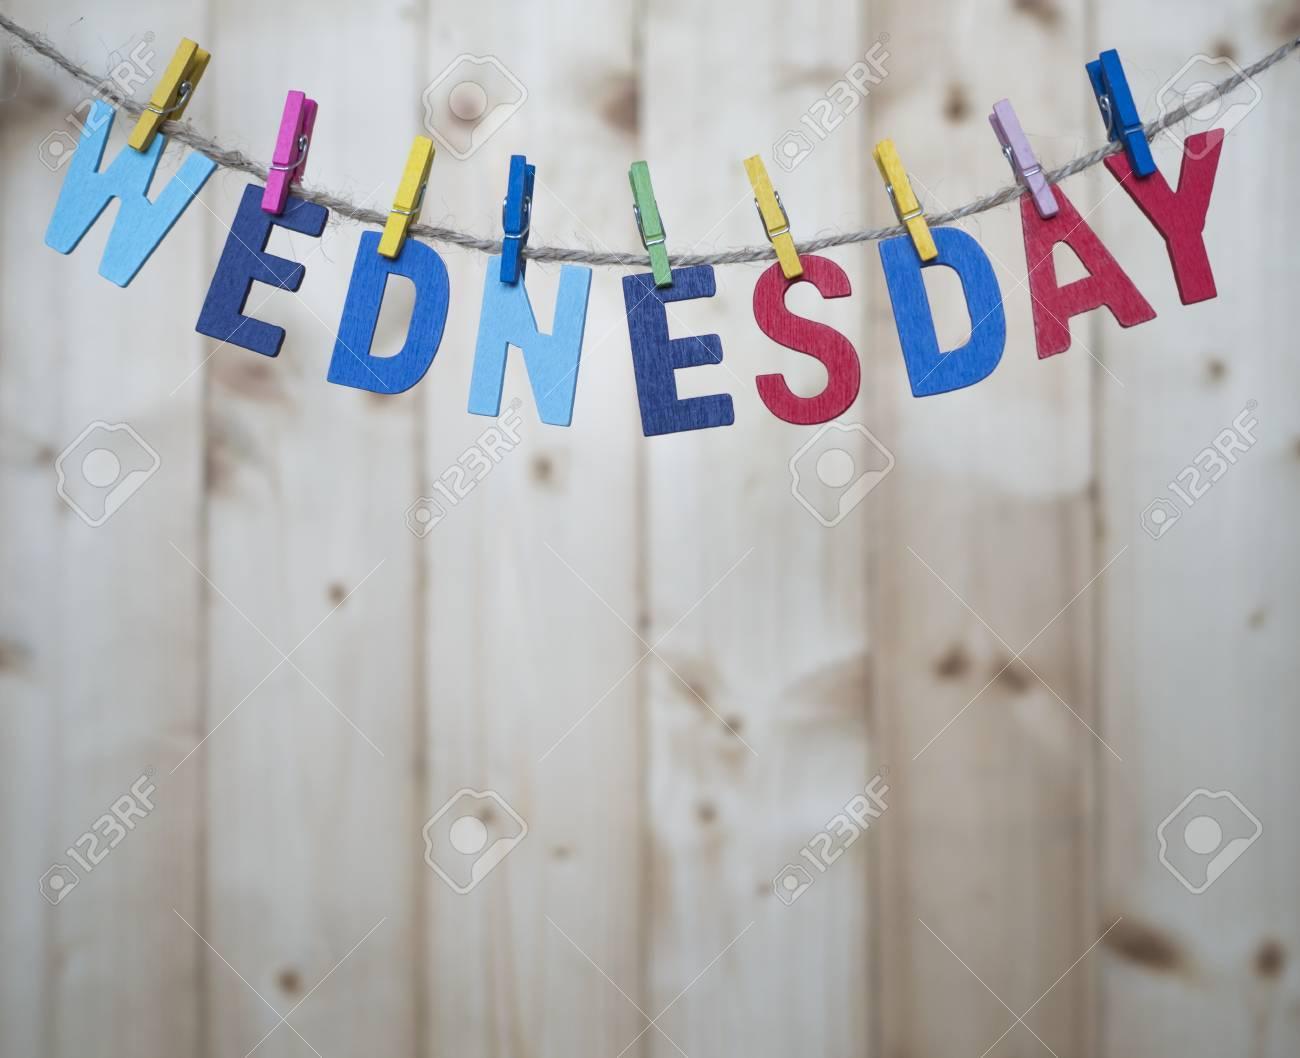 Lettere Di Legno Da Appendere : Mercoledì parola con lettere di legno appendere con corda su